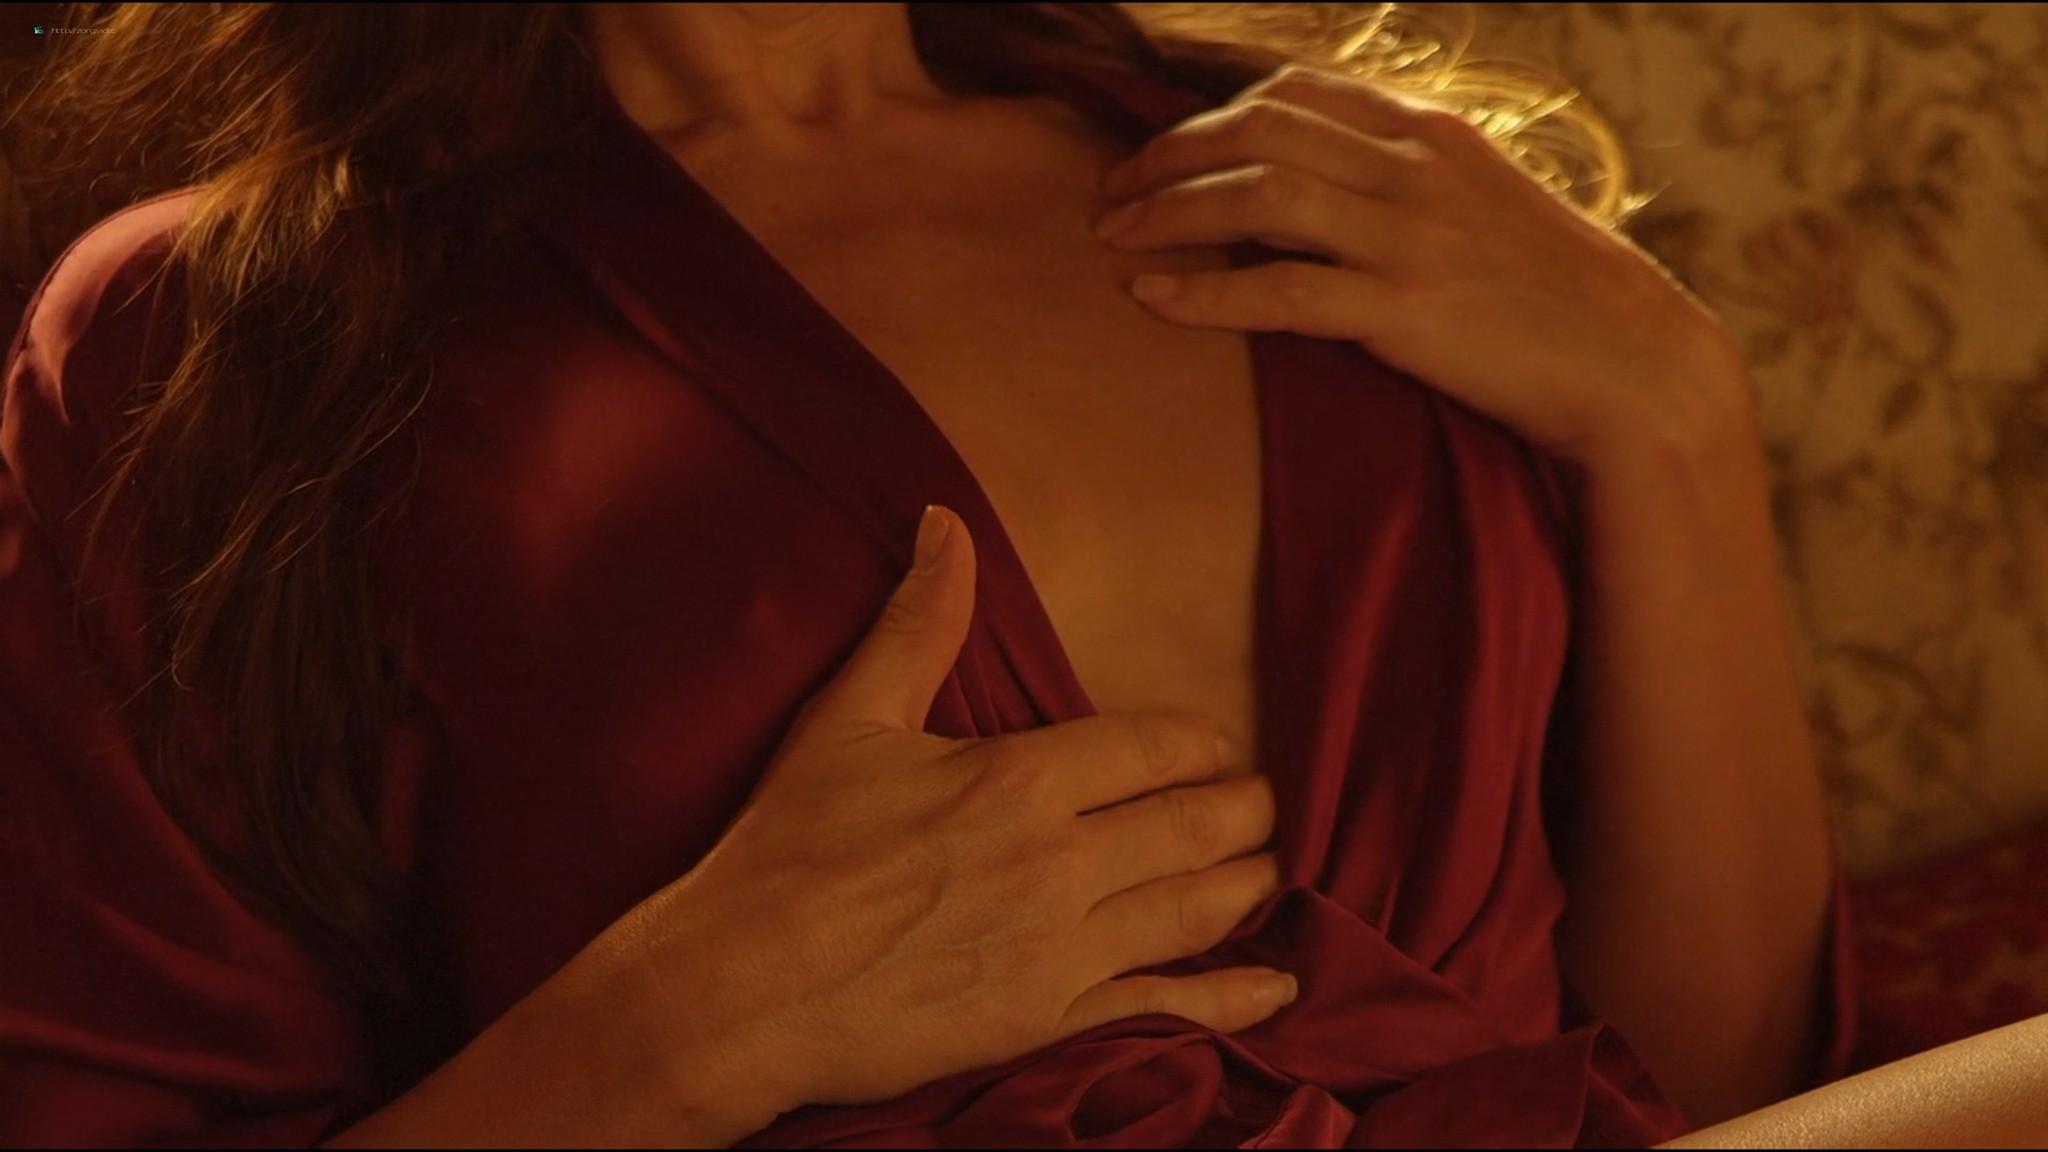 Kari Wuhrer nude Mia Serafino, Mary Anthony sexy - Secrets of a Psychopath (2013) HD 1080p Web (10)